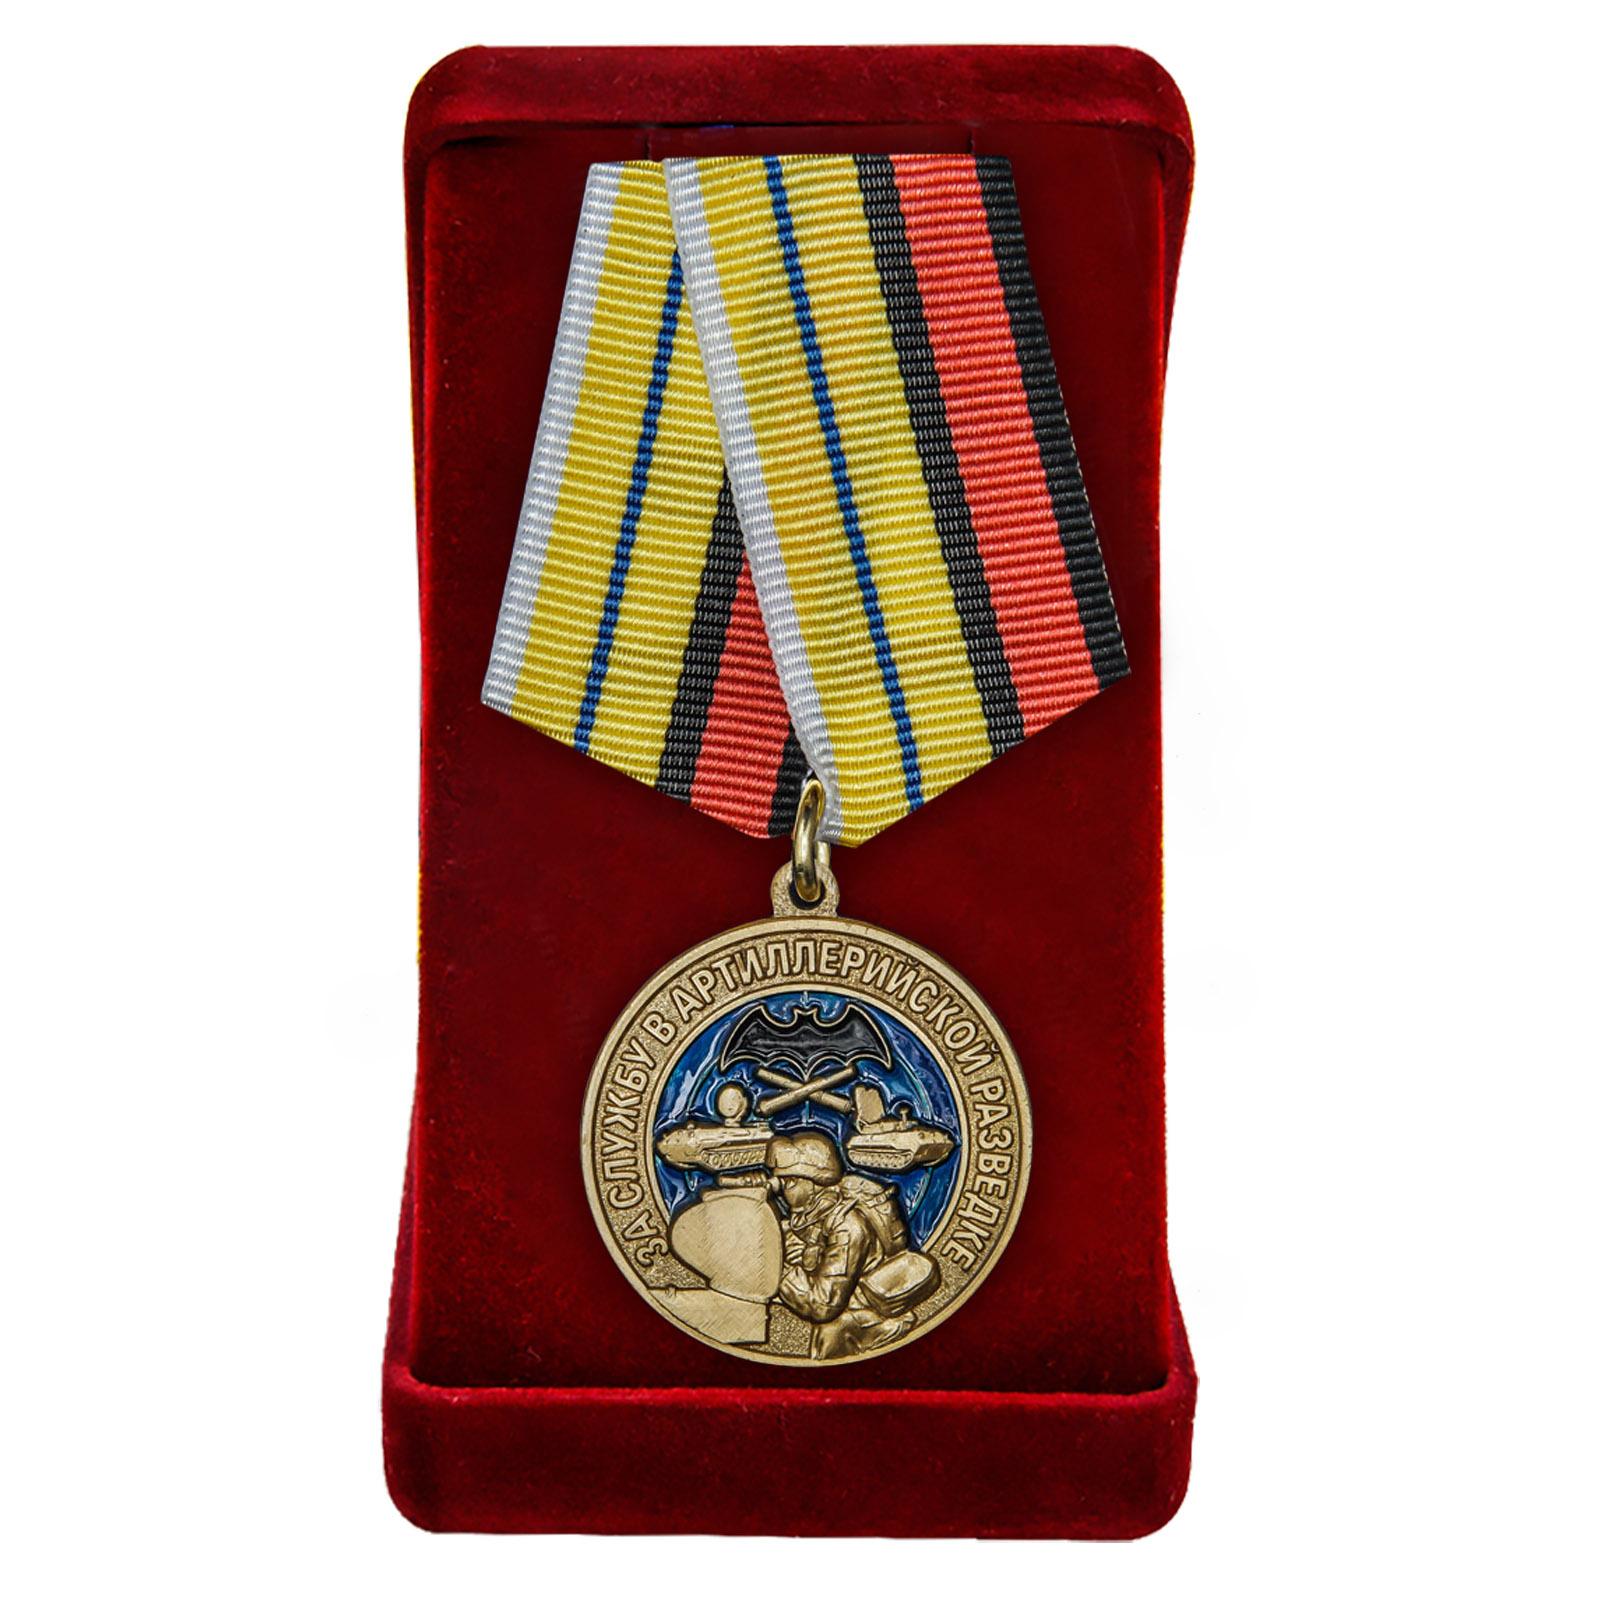 Купить медаль За службу в артиллерийской разведке по лучшей цене